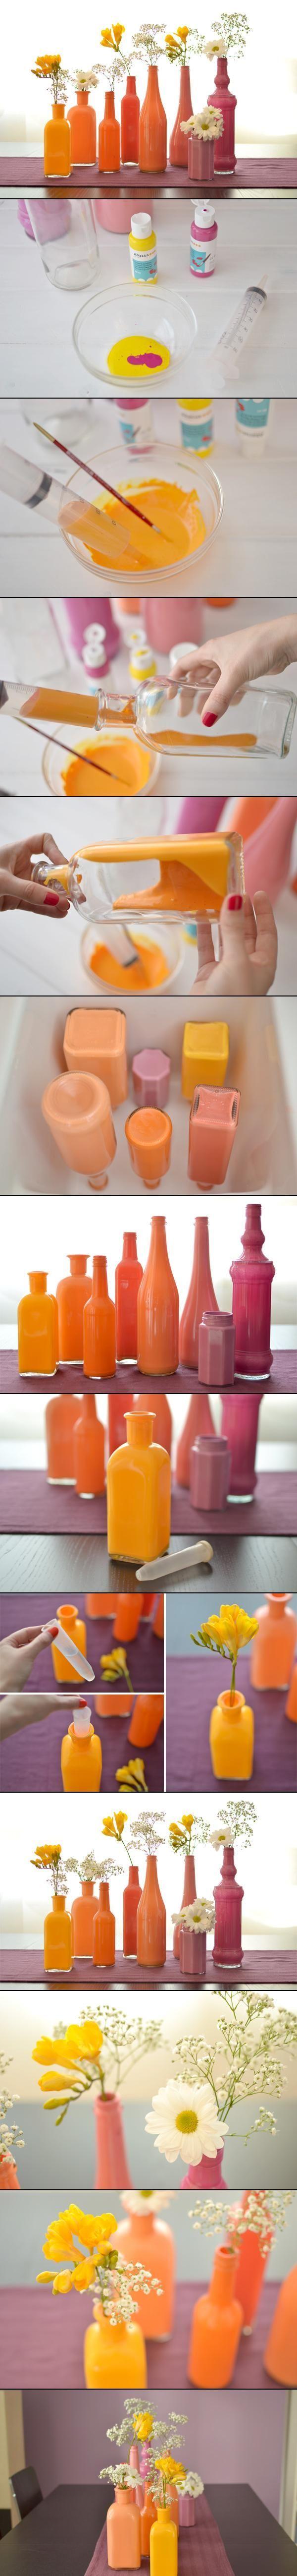 DIY Painted bottles | DIY real